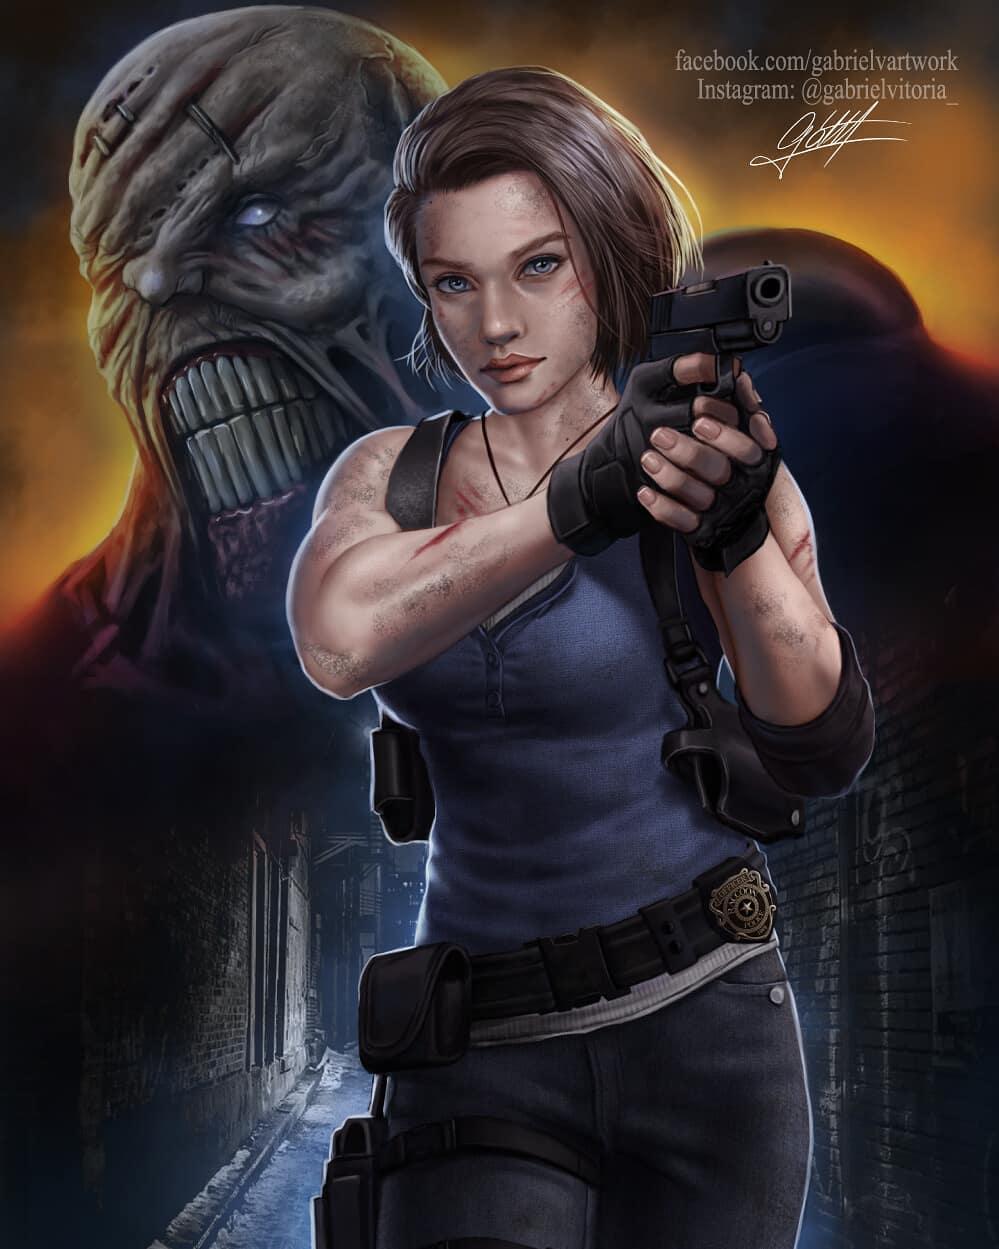 1587205900_90313827_2949089025111684_2151380345268325791_n.jpg - Resident Evil 3: Nemesis